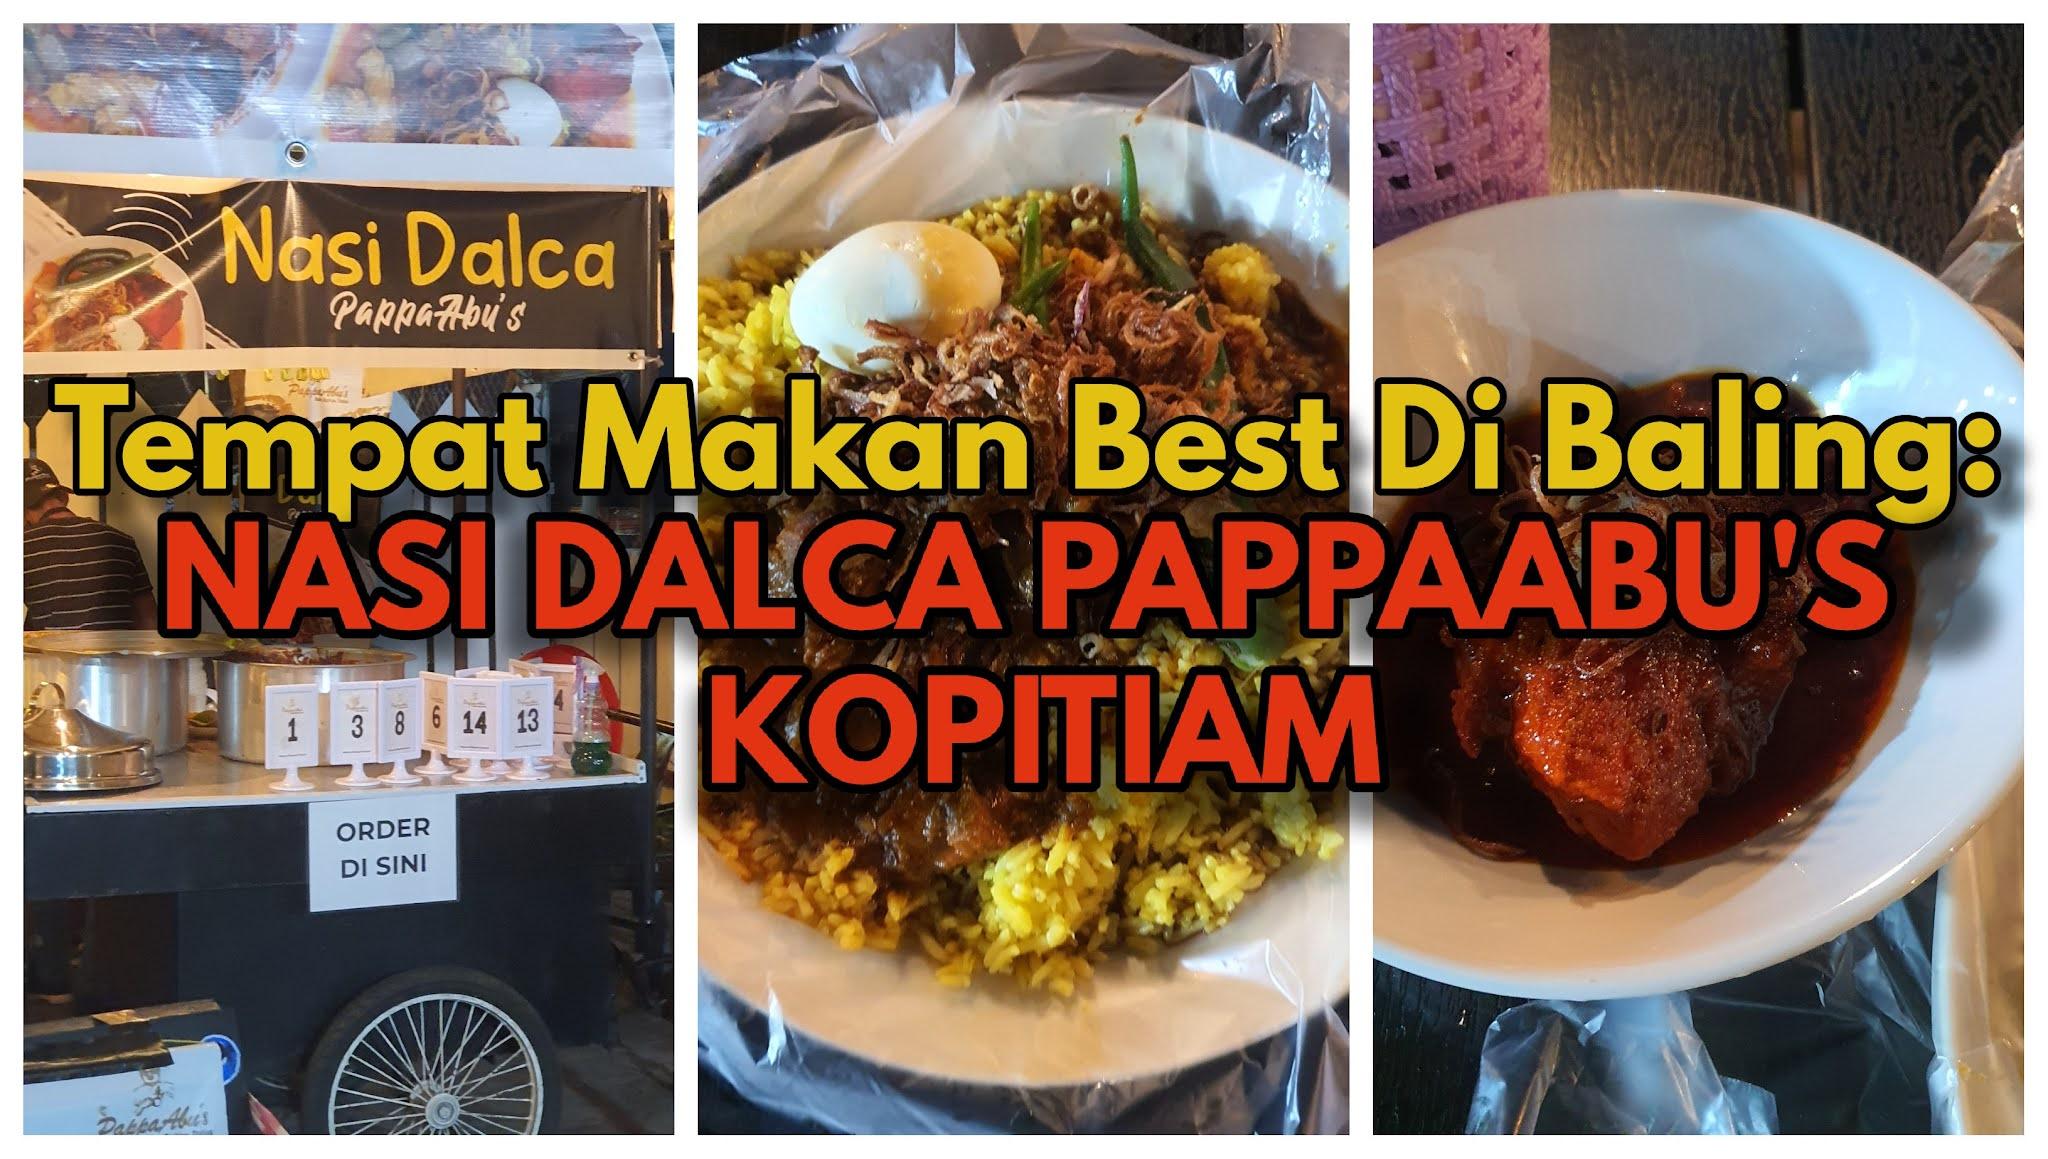 Tempat Makan Best Di Baling   Mesti Try Nasi Dalca PappaAbu's Kopitiam ni Kalau Sampai Baling!